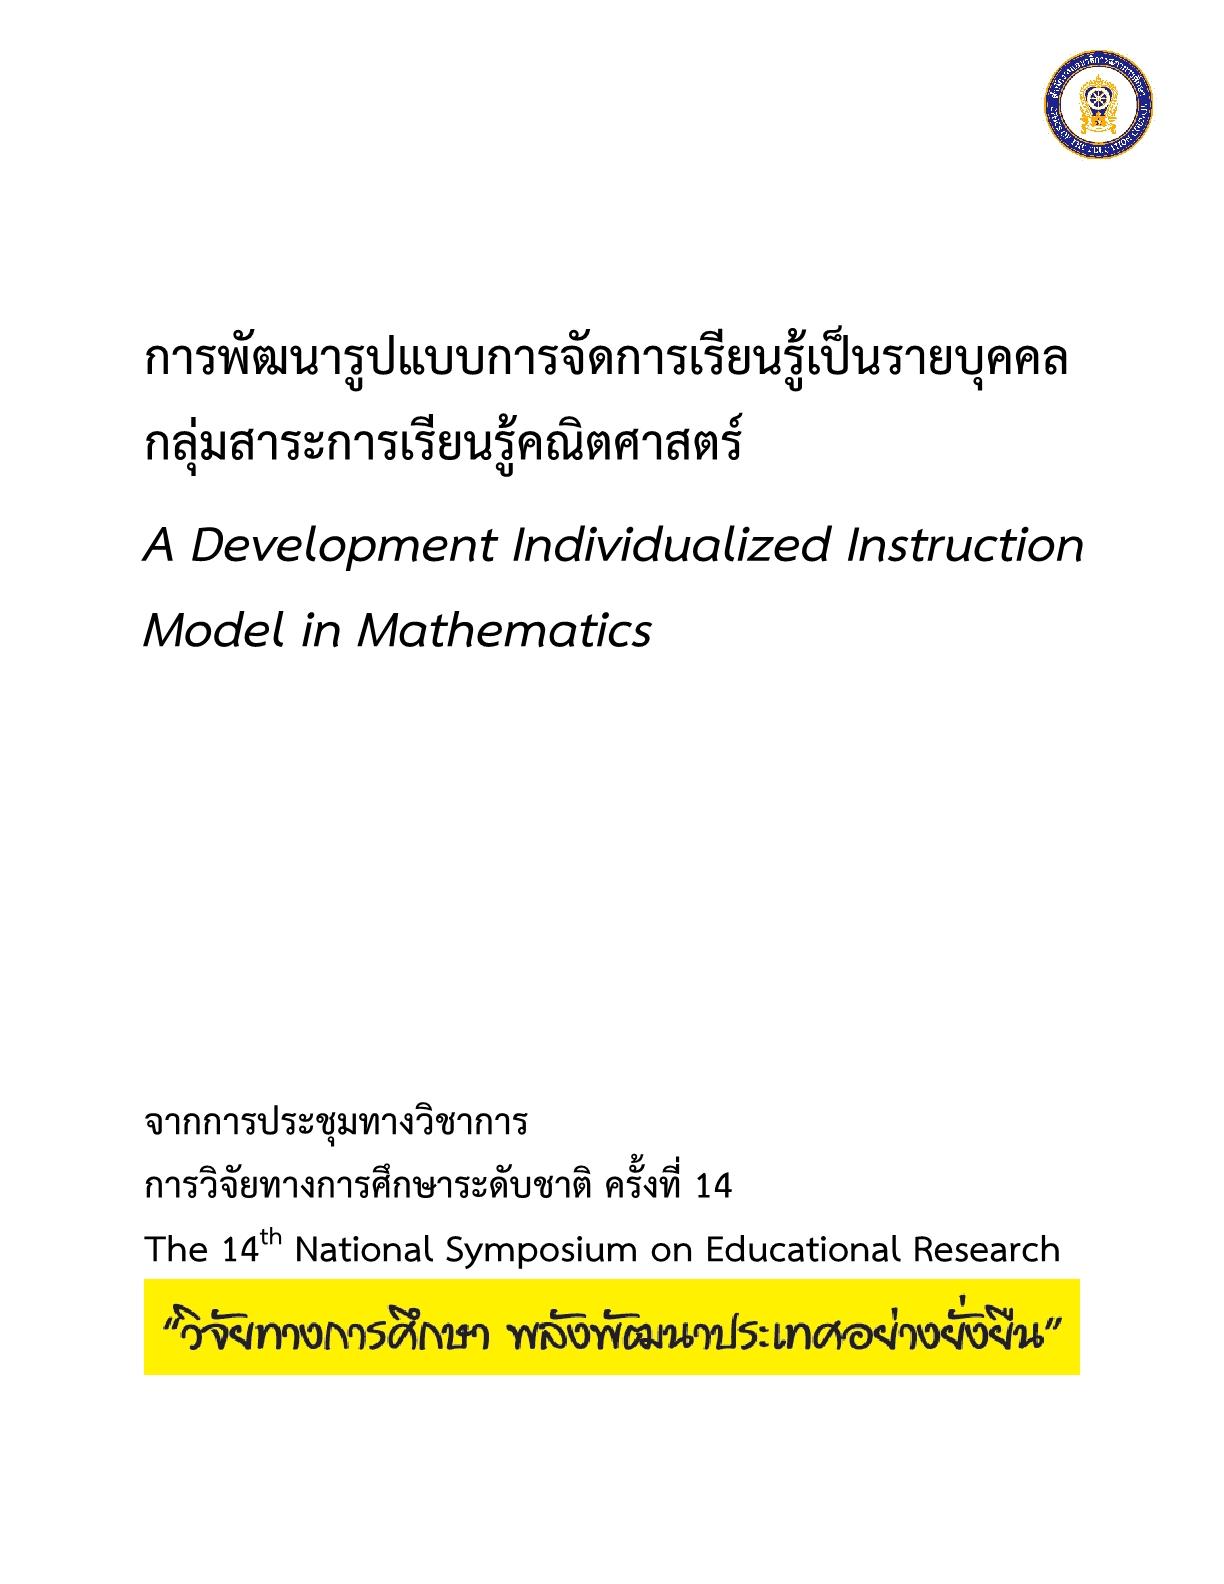 การพัฒนารูปแบบการจัดการเรียนรู้เป็นรายบุคคล กลุ่มสาระการเรียนรู้คณิตศาสตร์